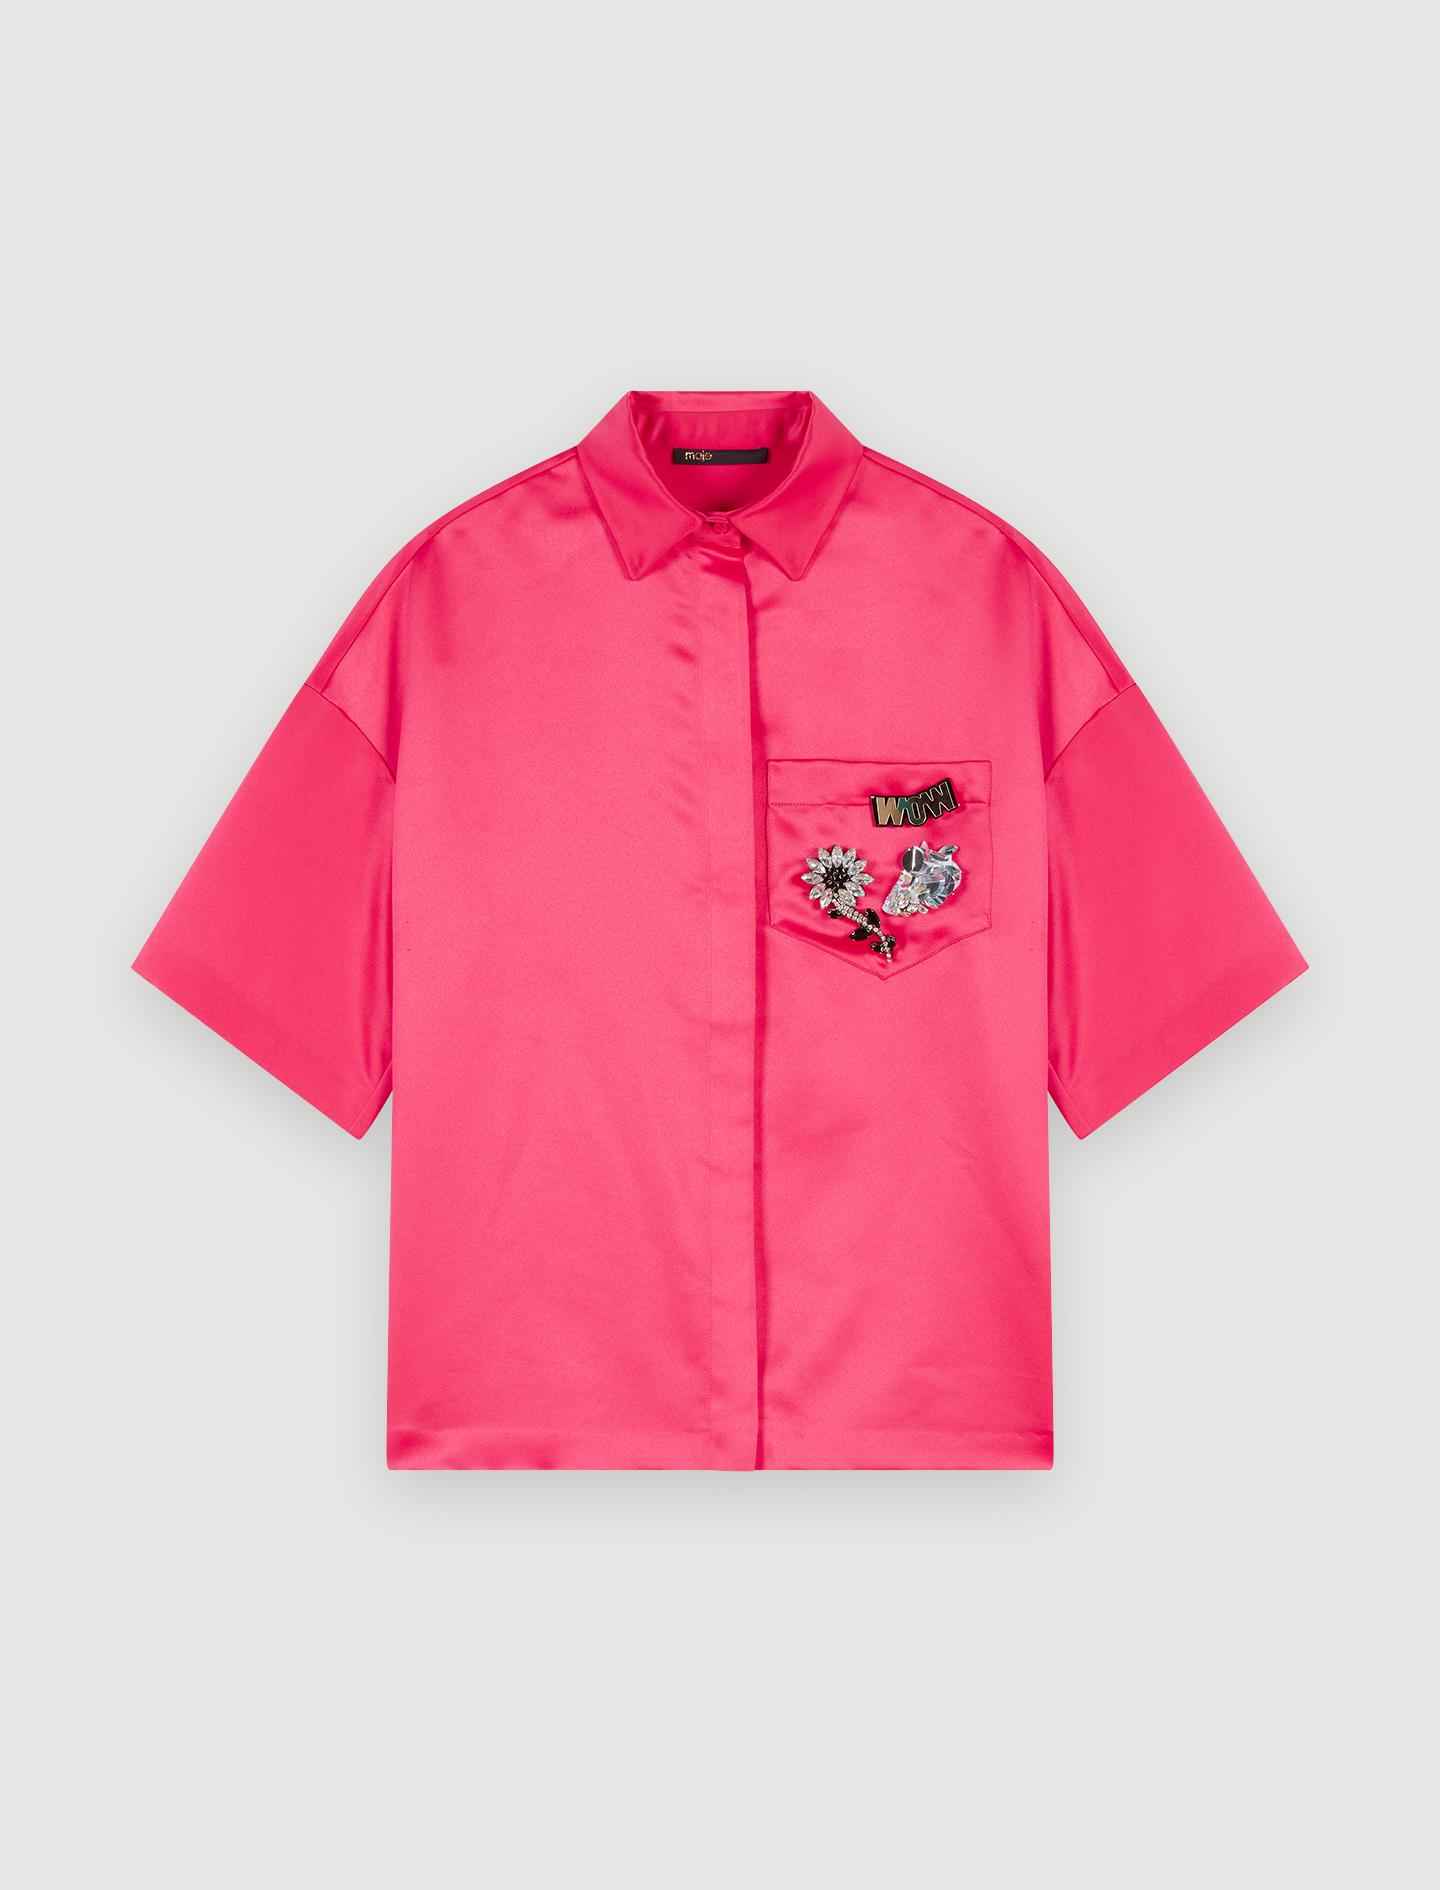 Satin Bluse mit Schmuck auf der Tasche - Tops & Hemden - MAJE